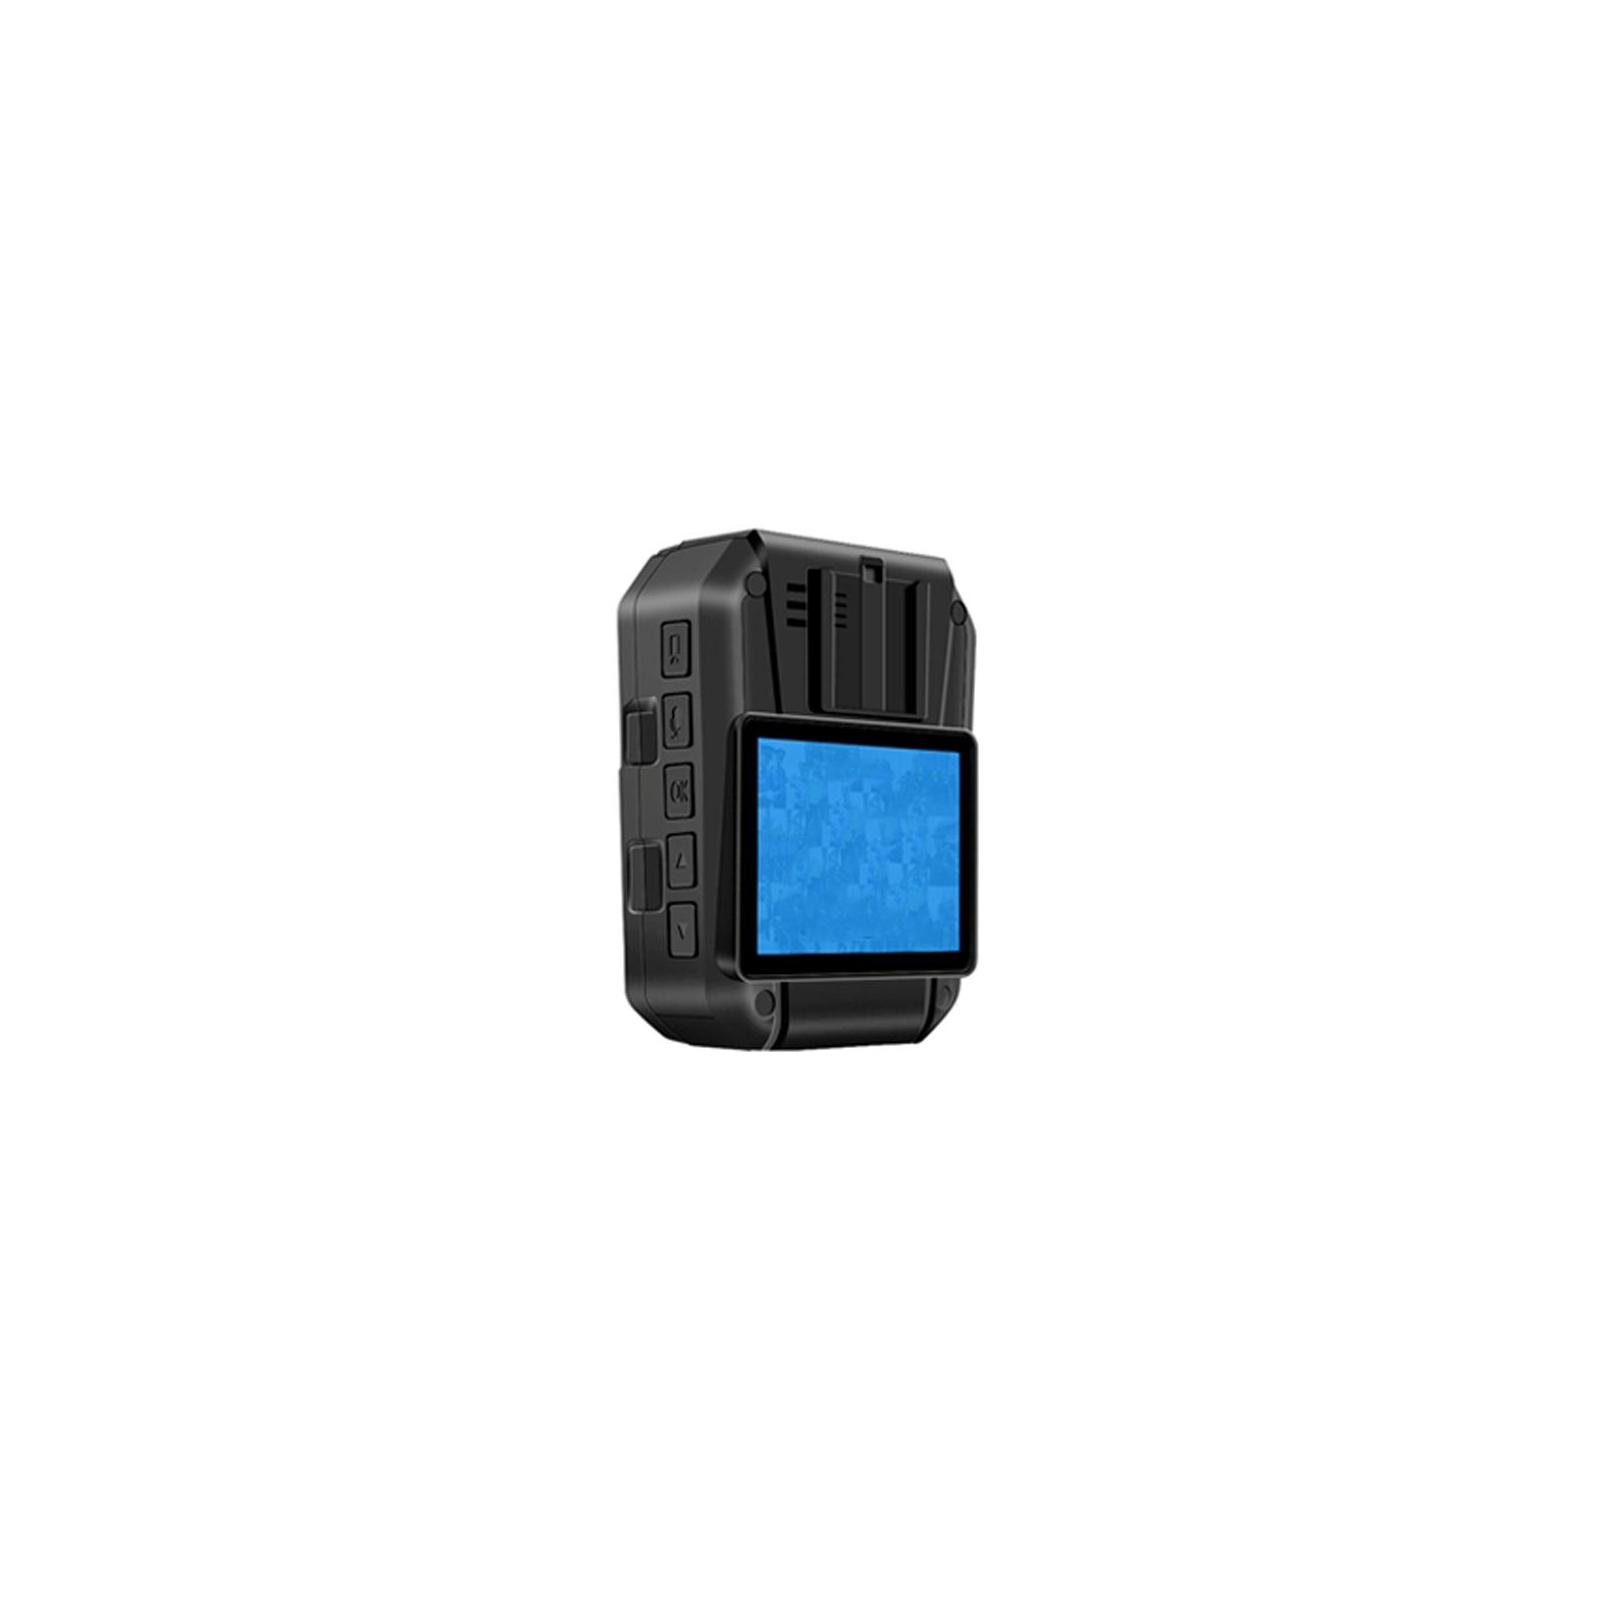 Видеорегистратор Globex Body Camera GE-915 (GE-915) изображение 5